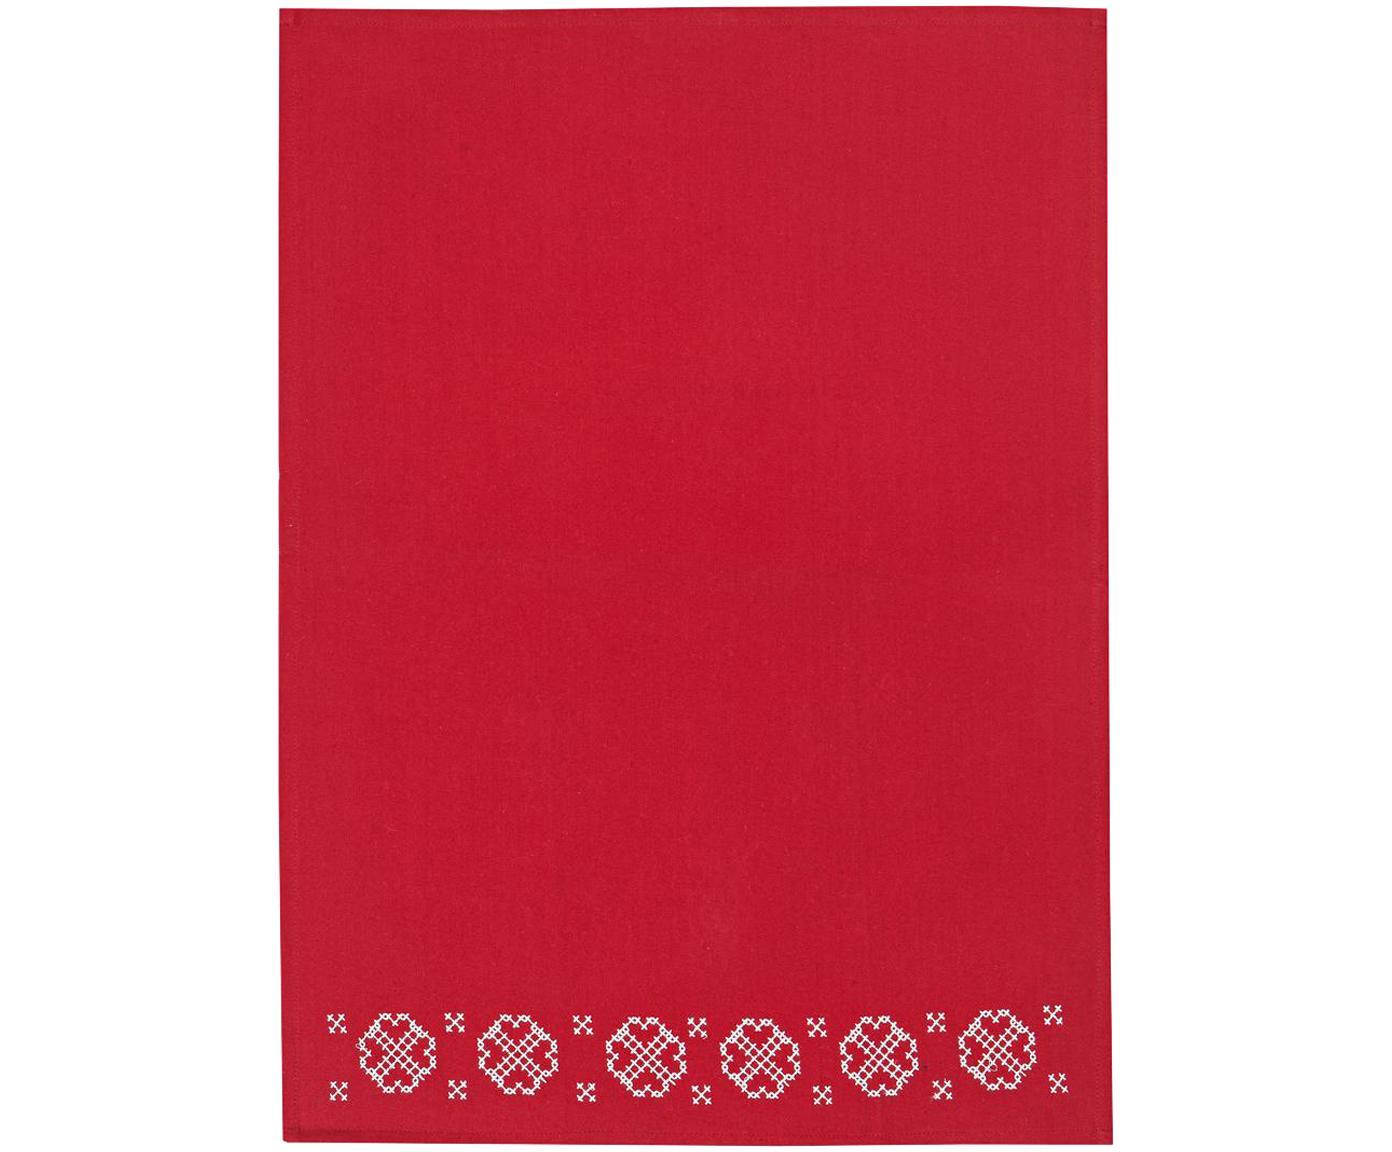 Geschirrtuch Embroidery mit winterlichem Motiv, Baumwolle, Rot, Weiss, 50 x 70 cm